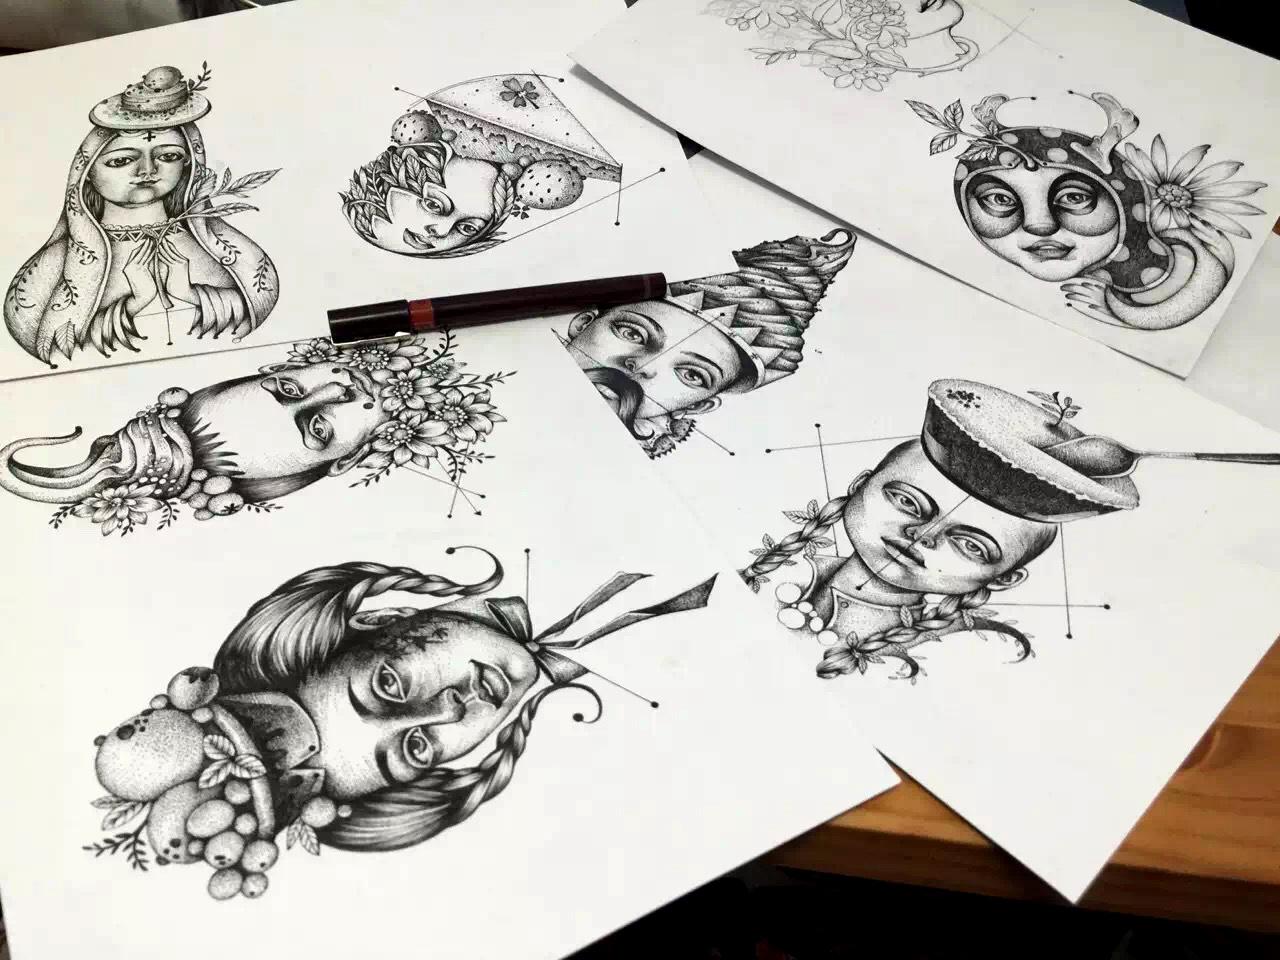 无邪抹茶系列插画景观设计年终工作概述图片